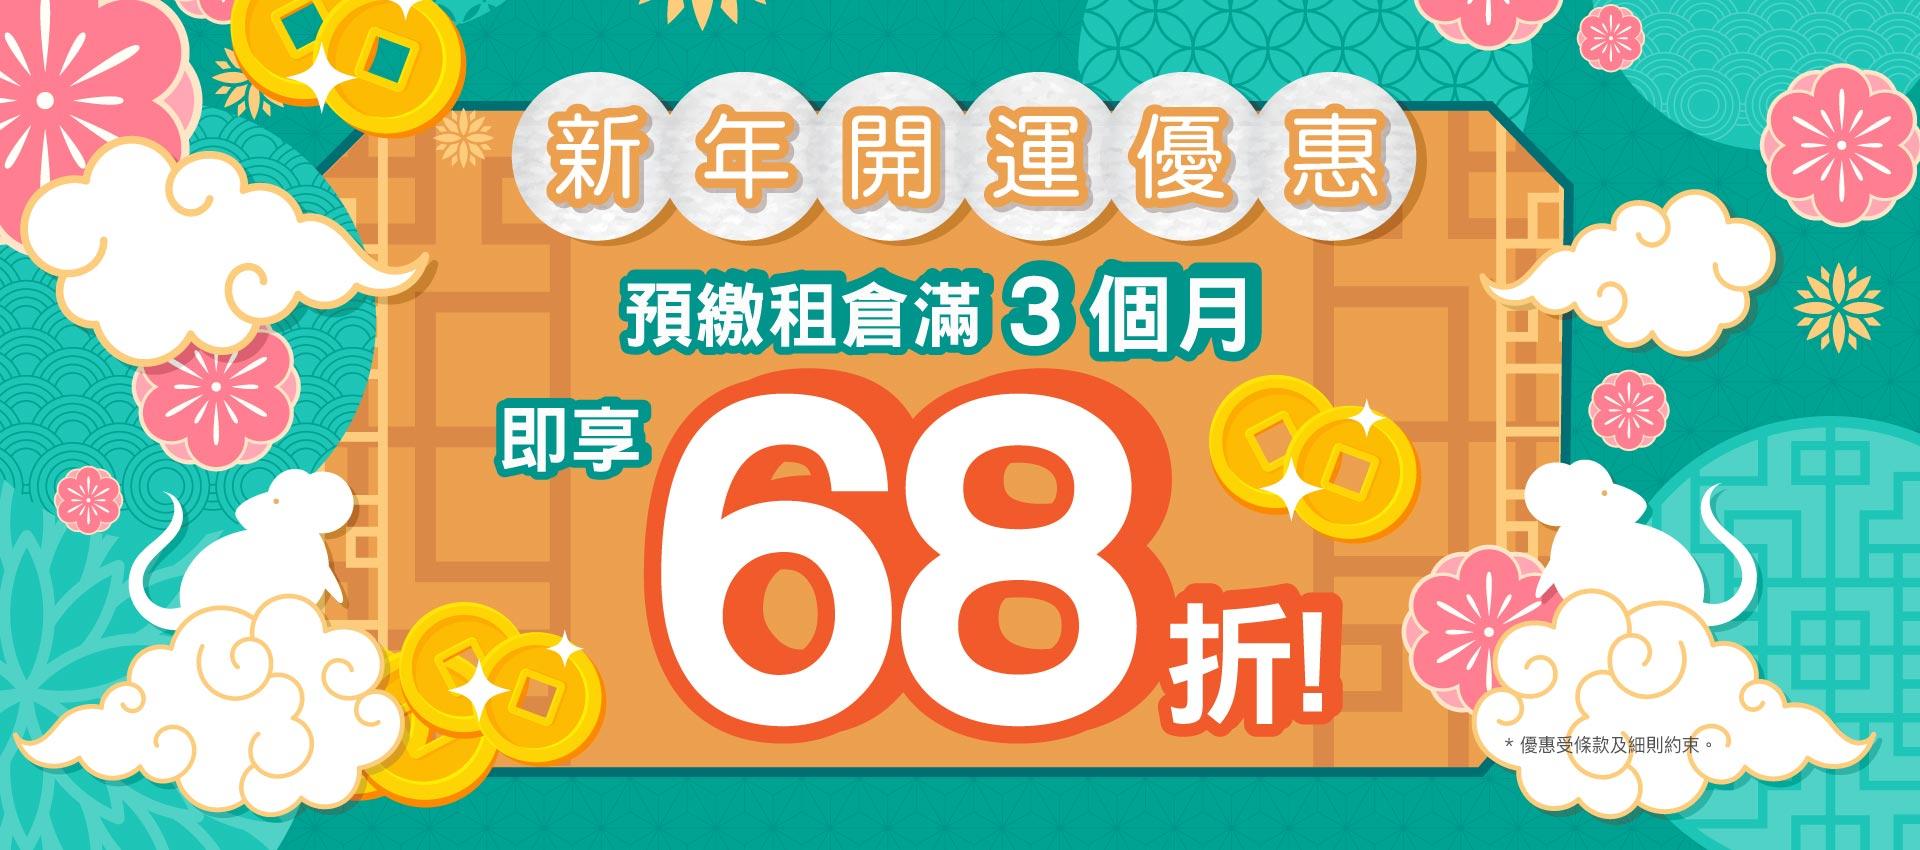 預繳租倉3個月或以上,即可享有68折優惠!